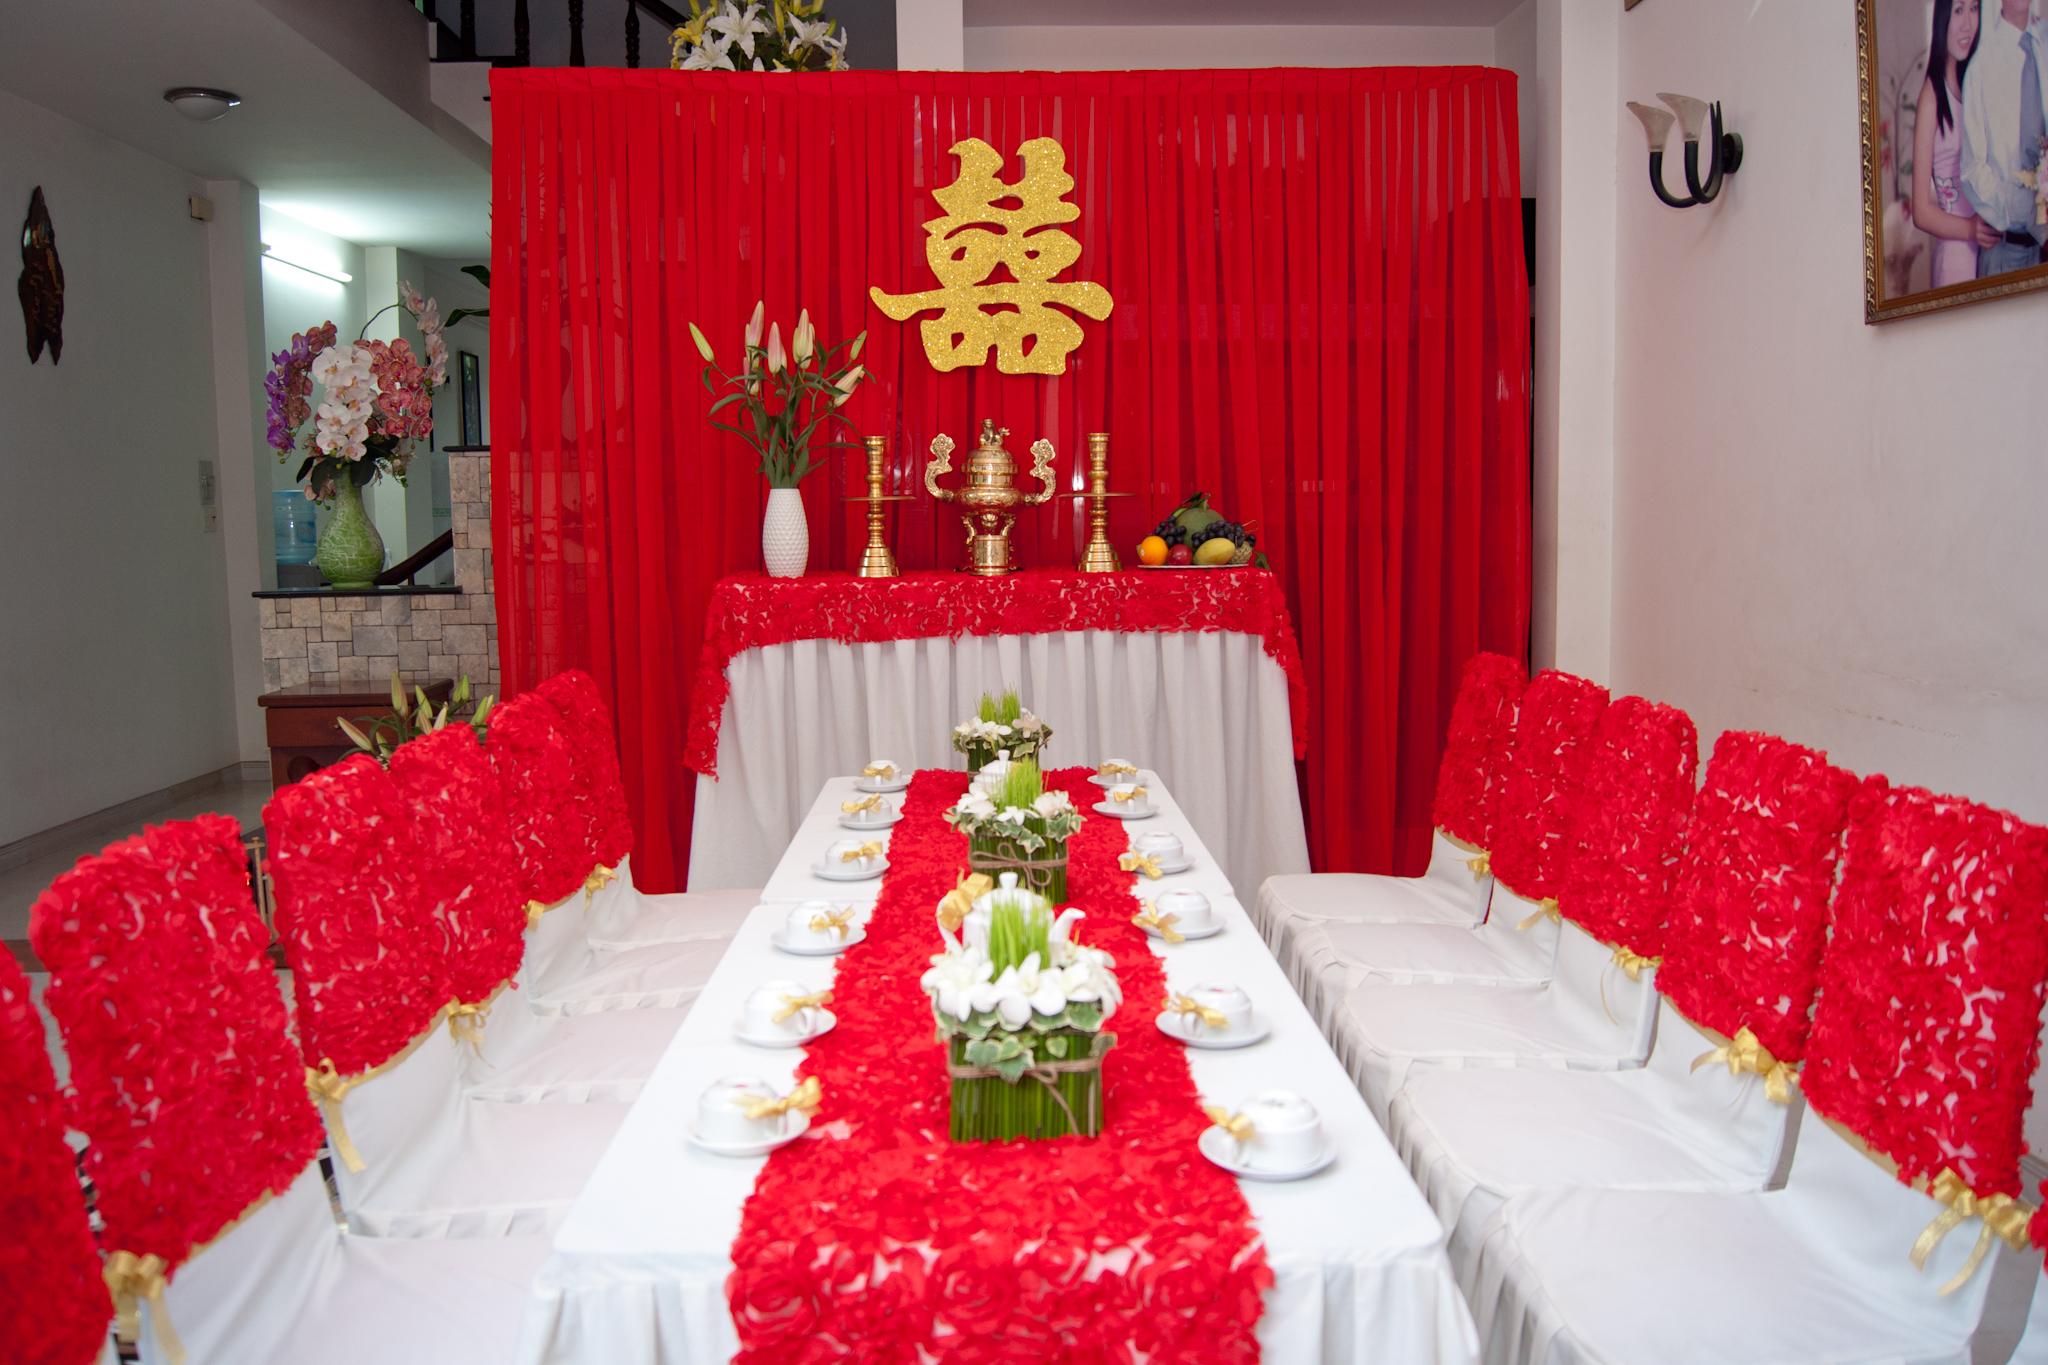 Trang trí cưới hỏi - Dịch Vụ Trang Trí Nhà Ngày Cưới Lily